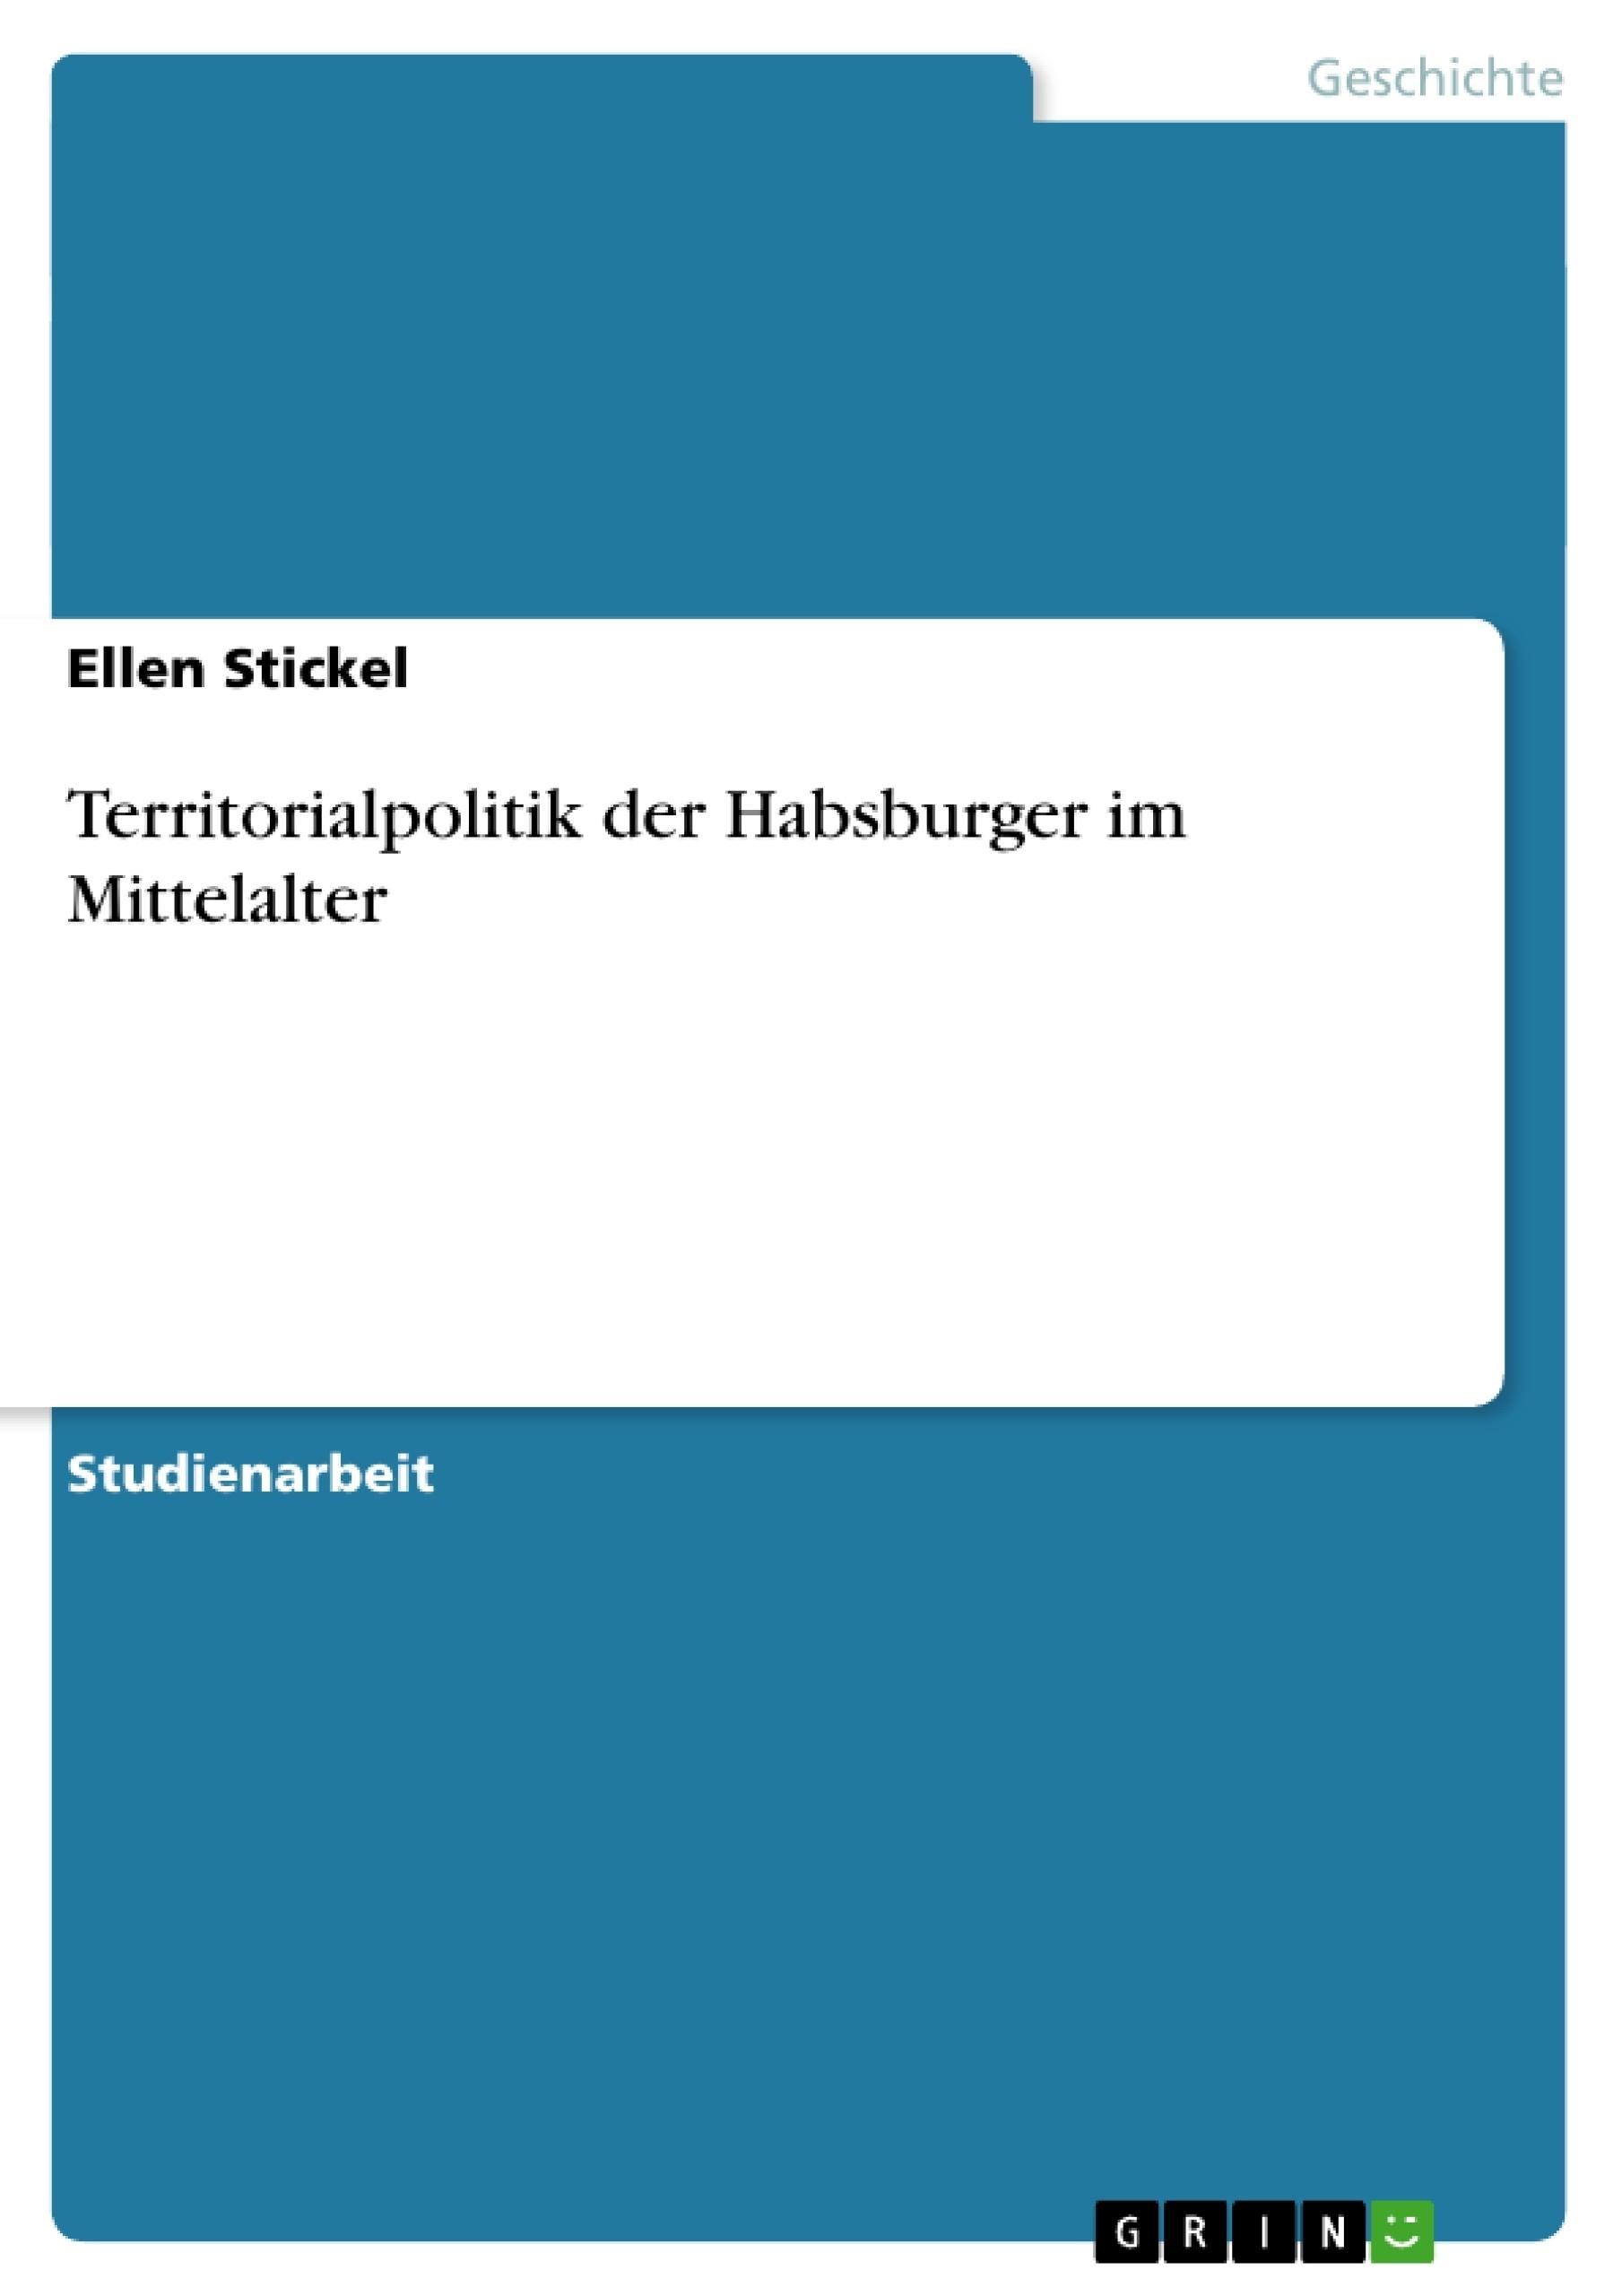 Titel: Territorialpolitik der Habsburger im Mittelalter